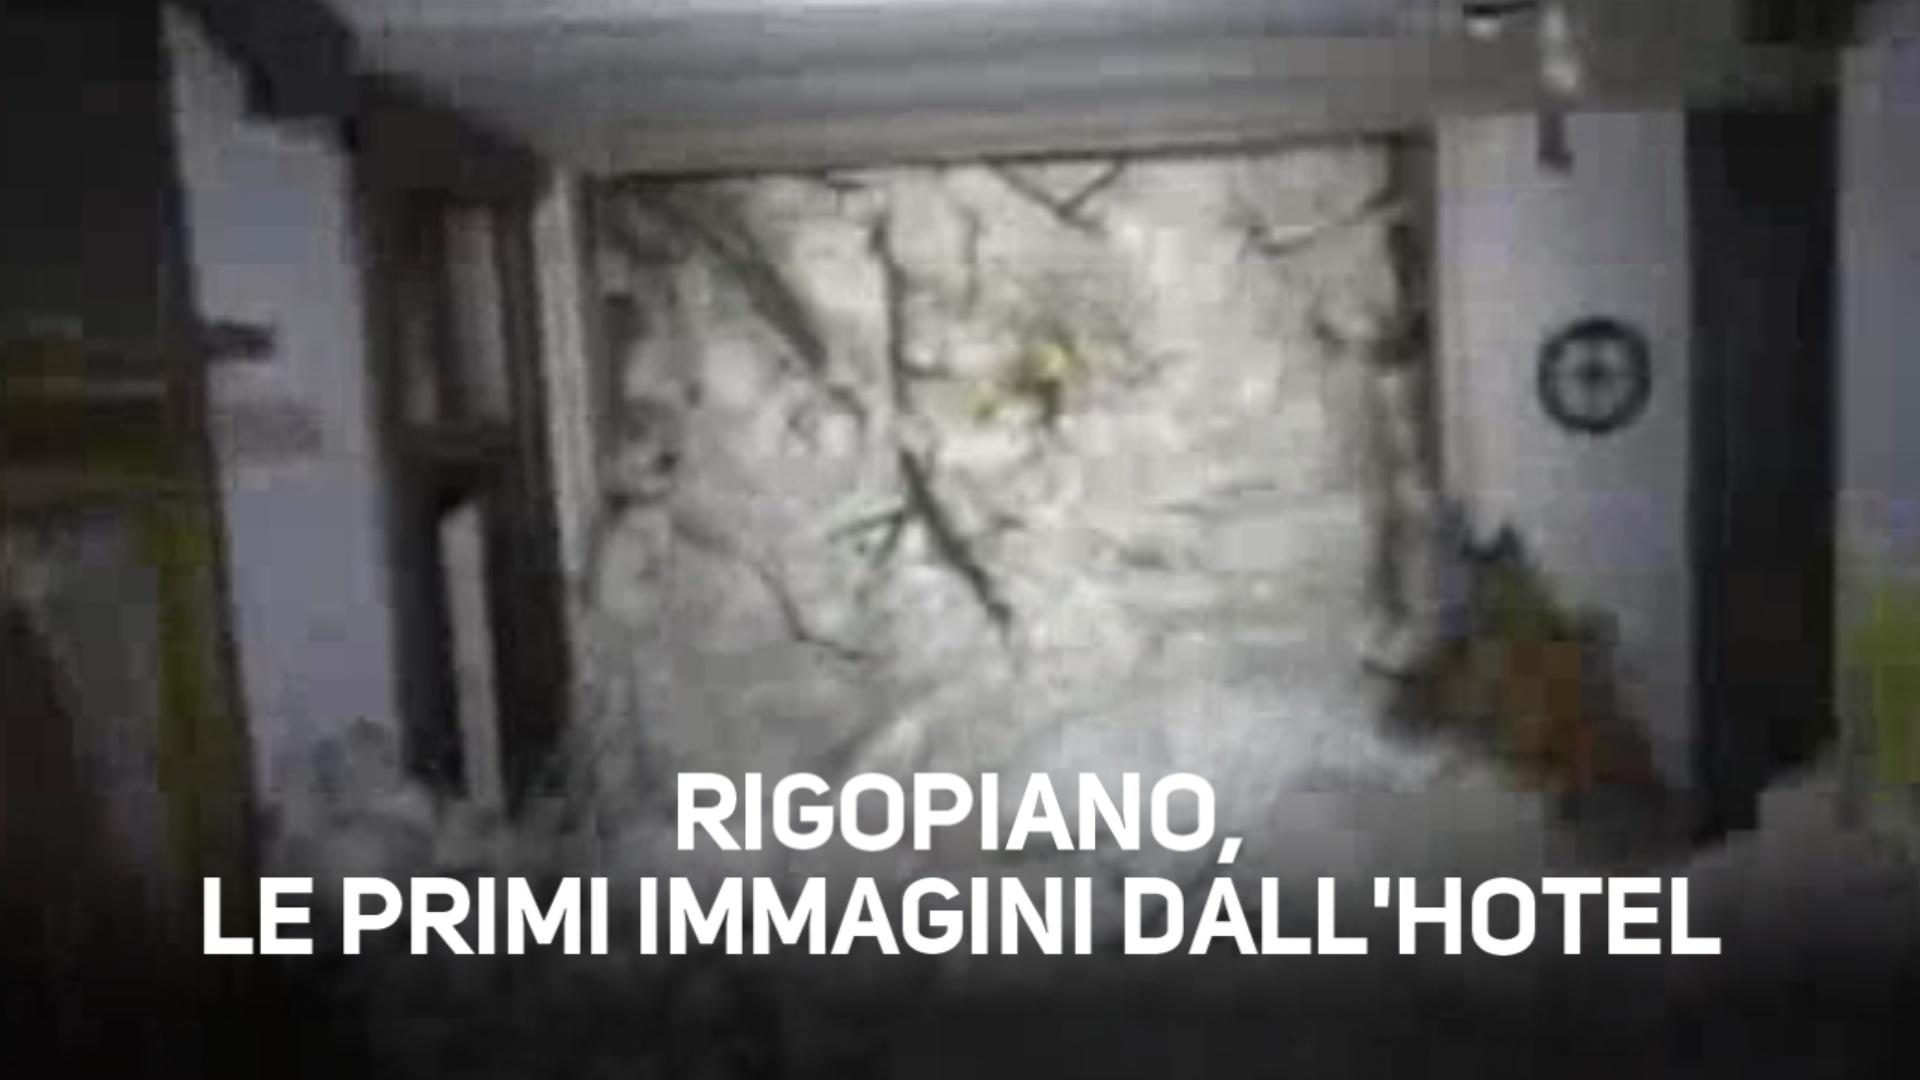 Le prime immagini dentro l'hotel di Rigopiano